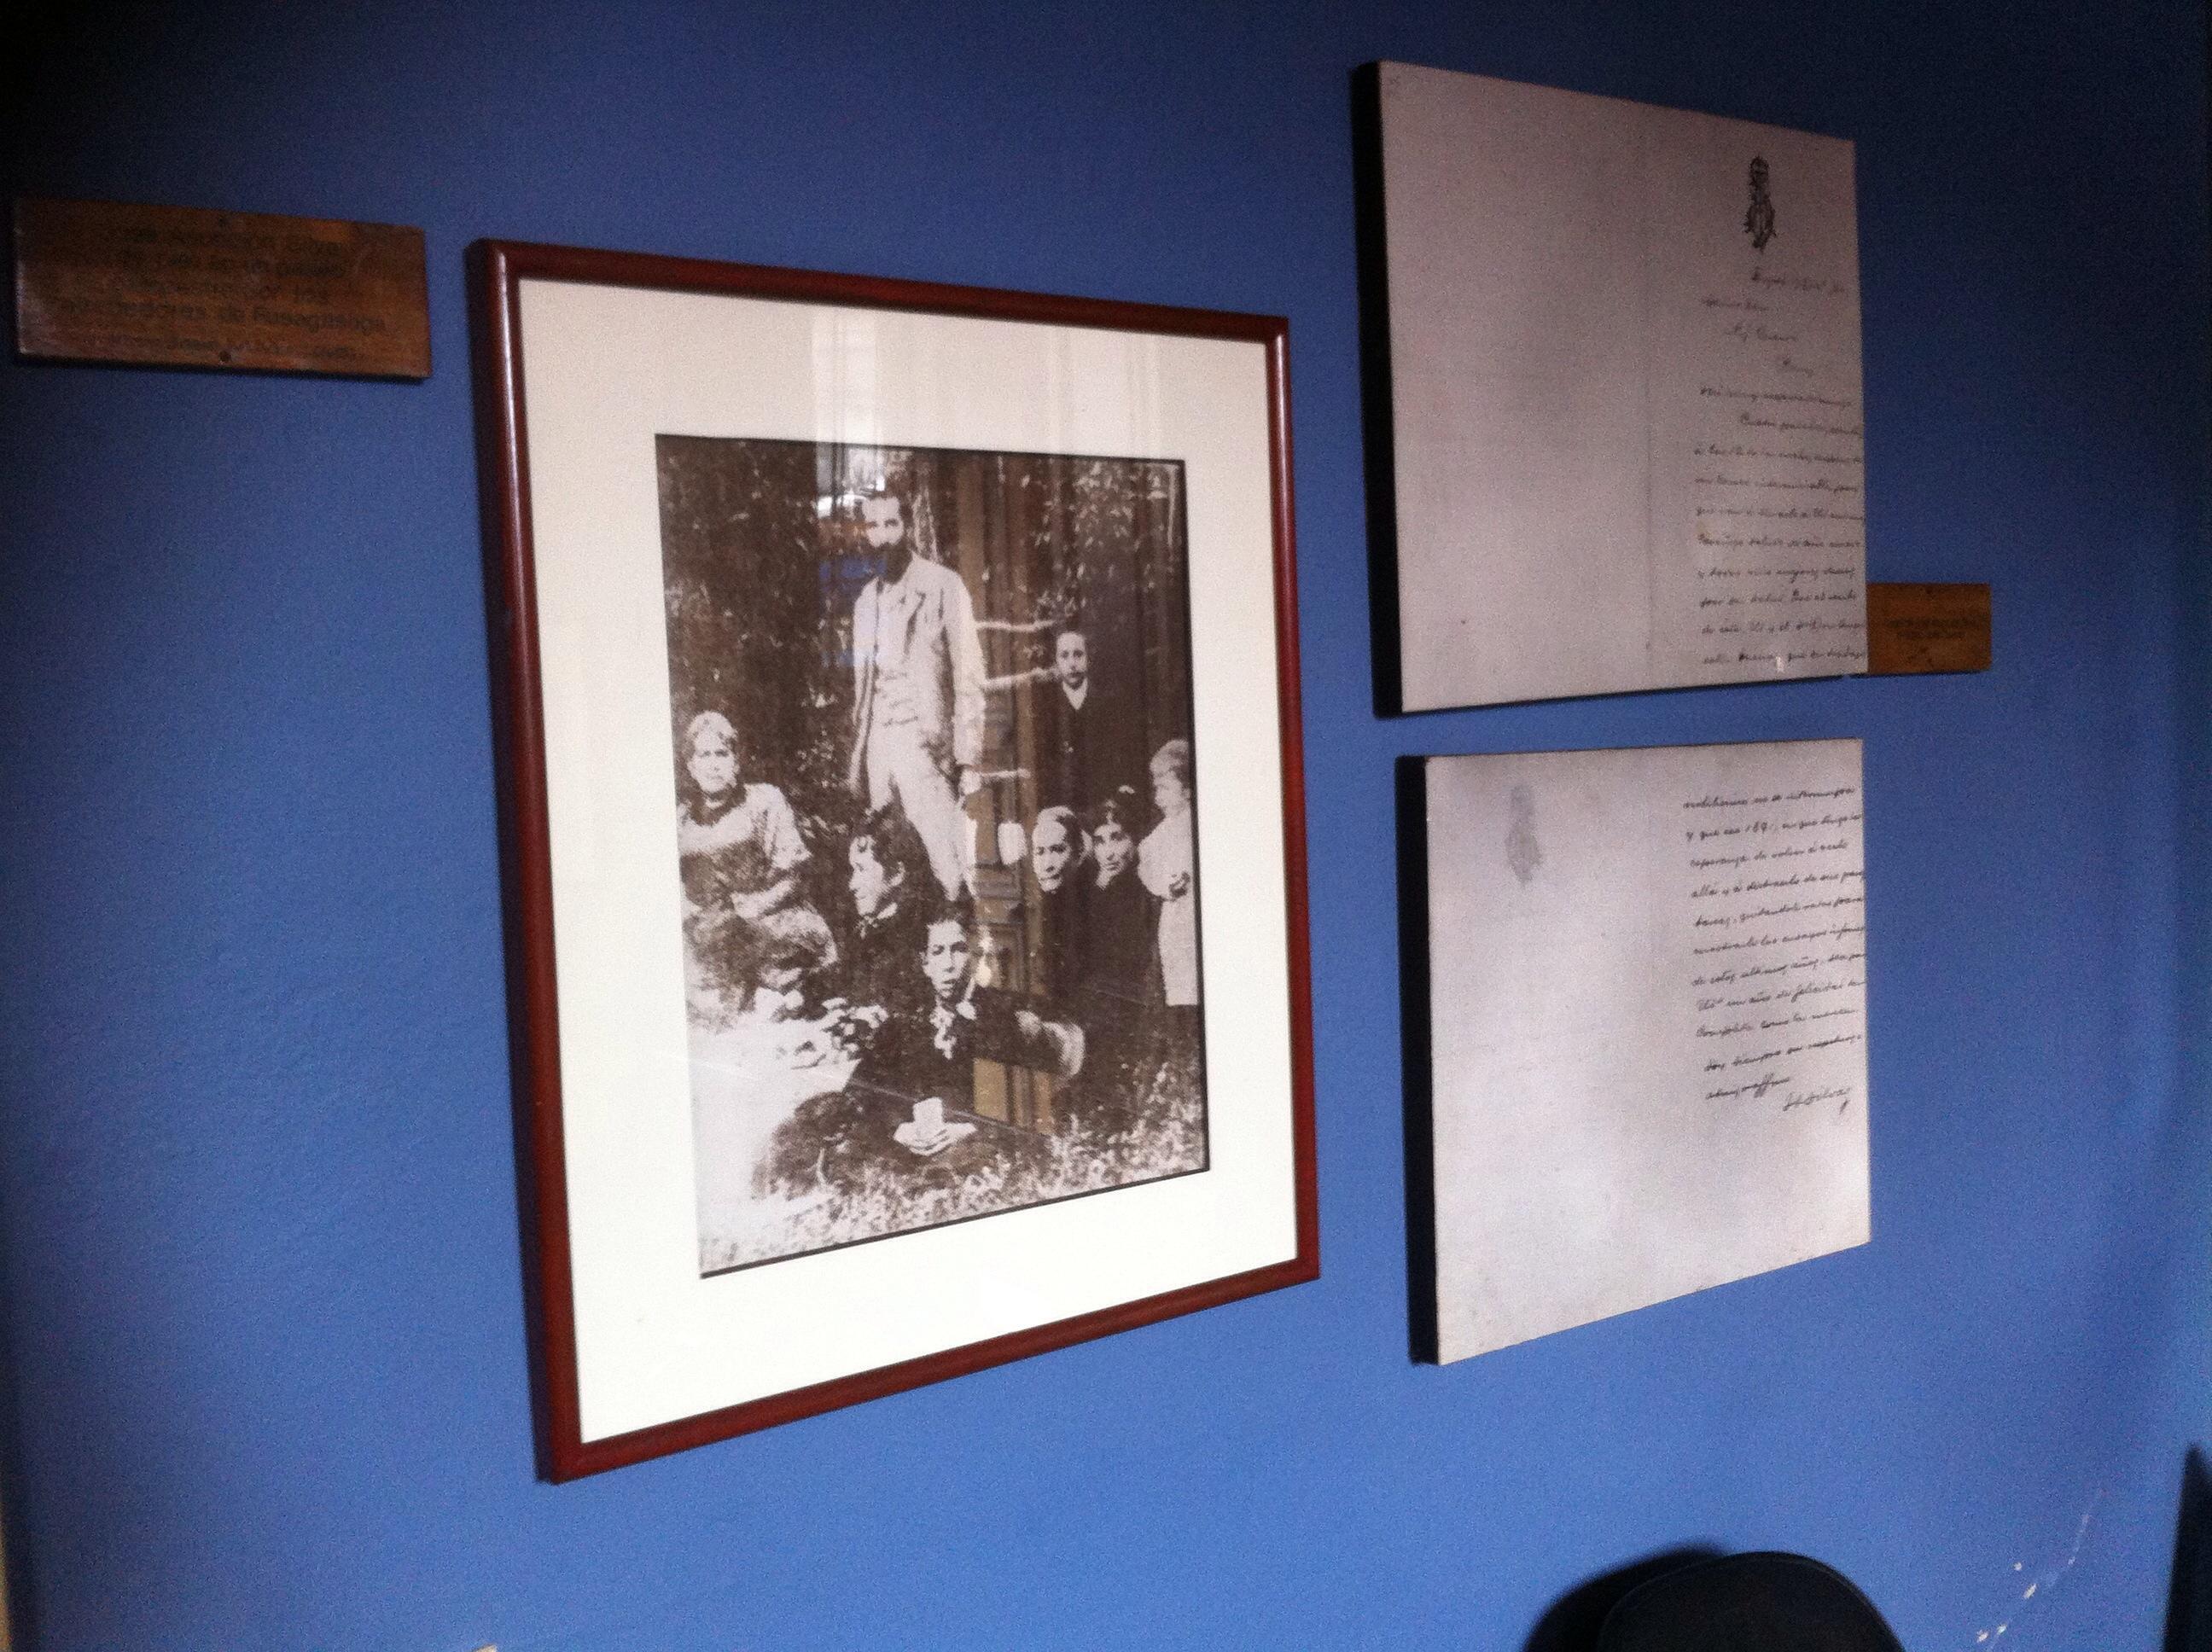 Fotografía en el auditorio de la Casa de Poesía Silva, de José Asunción Silva en Fusagasugá